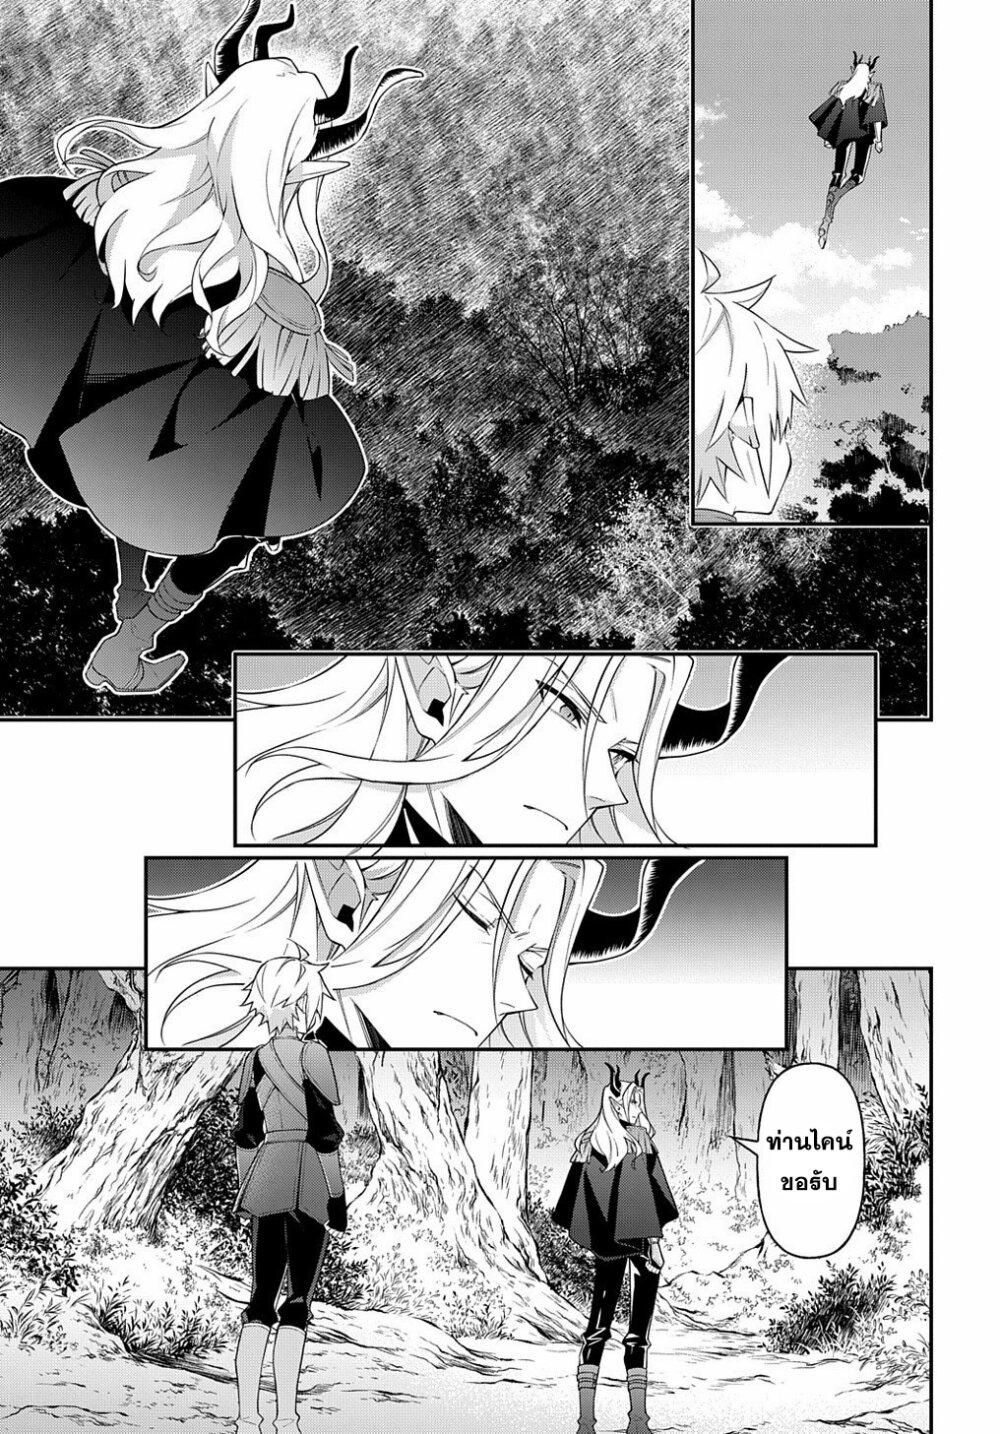 อ่านการ์ตูน Tensei Kizoku no Isekai Boukenroku ~Jichou wo Shiranai Kamigami no Shito~ ตอนที่ 30 หน้าที่ 17